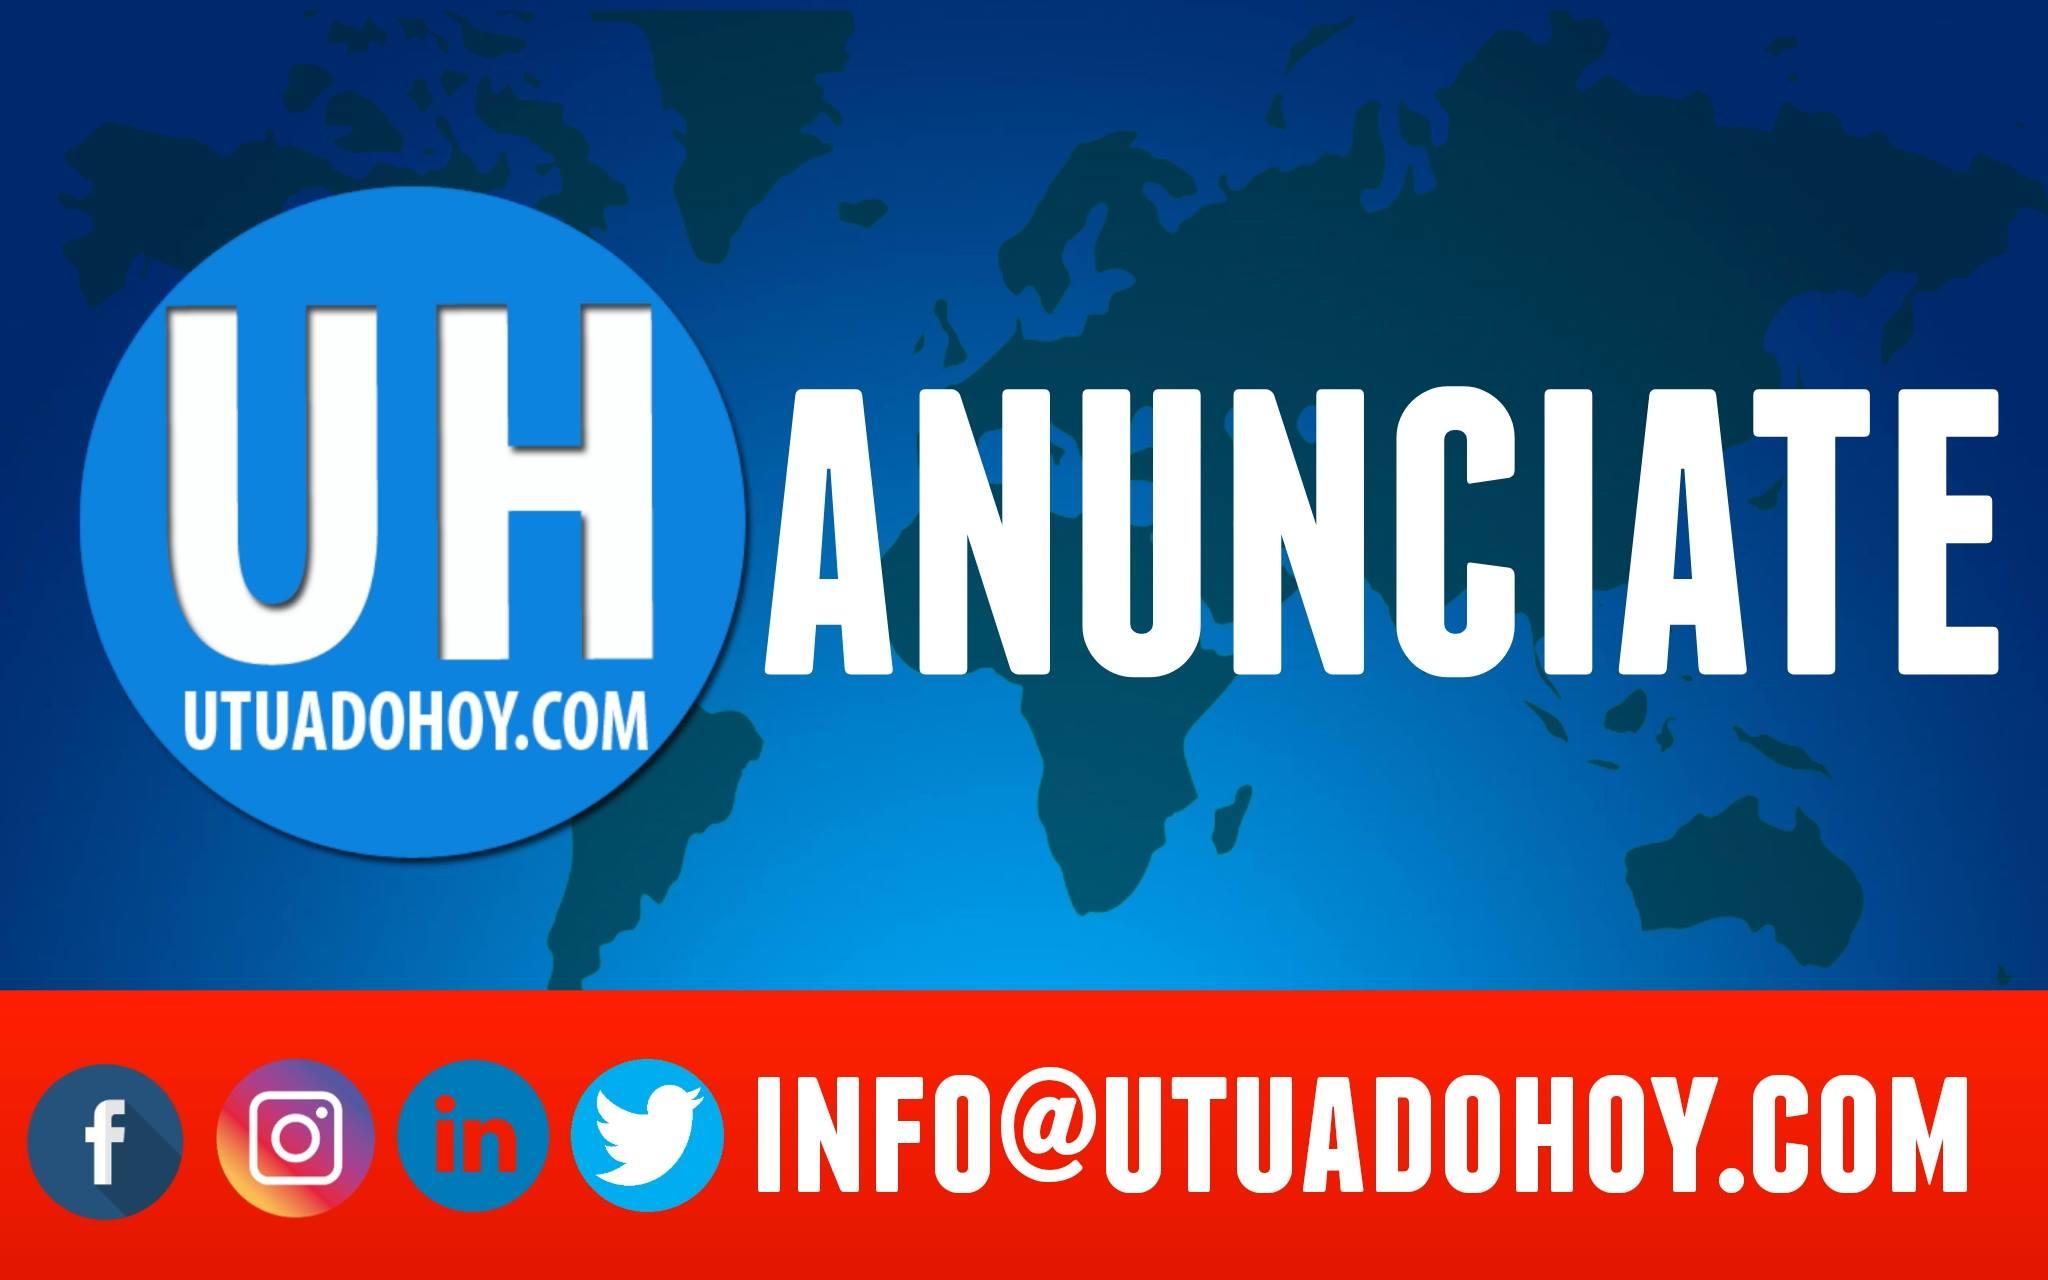 Anunciate en UTUADOHOY.COM